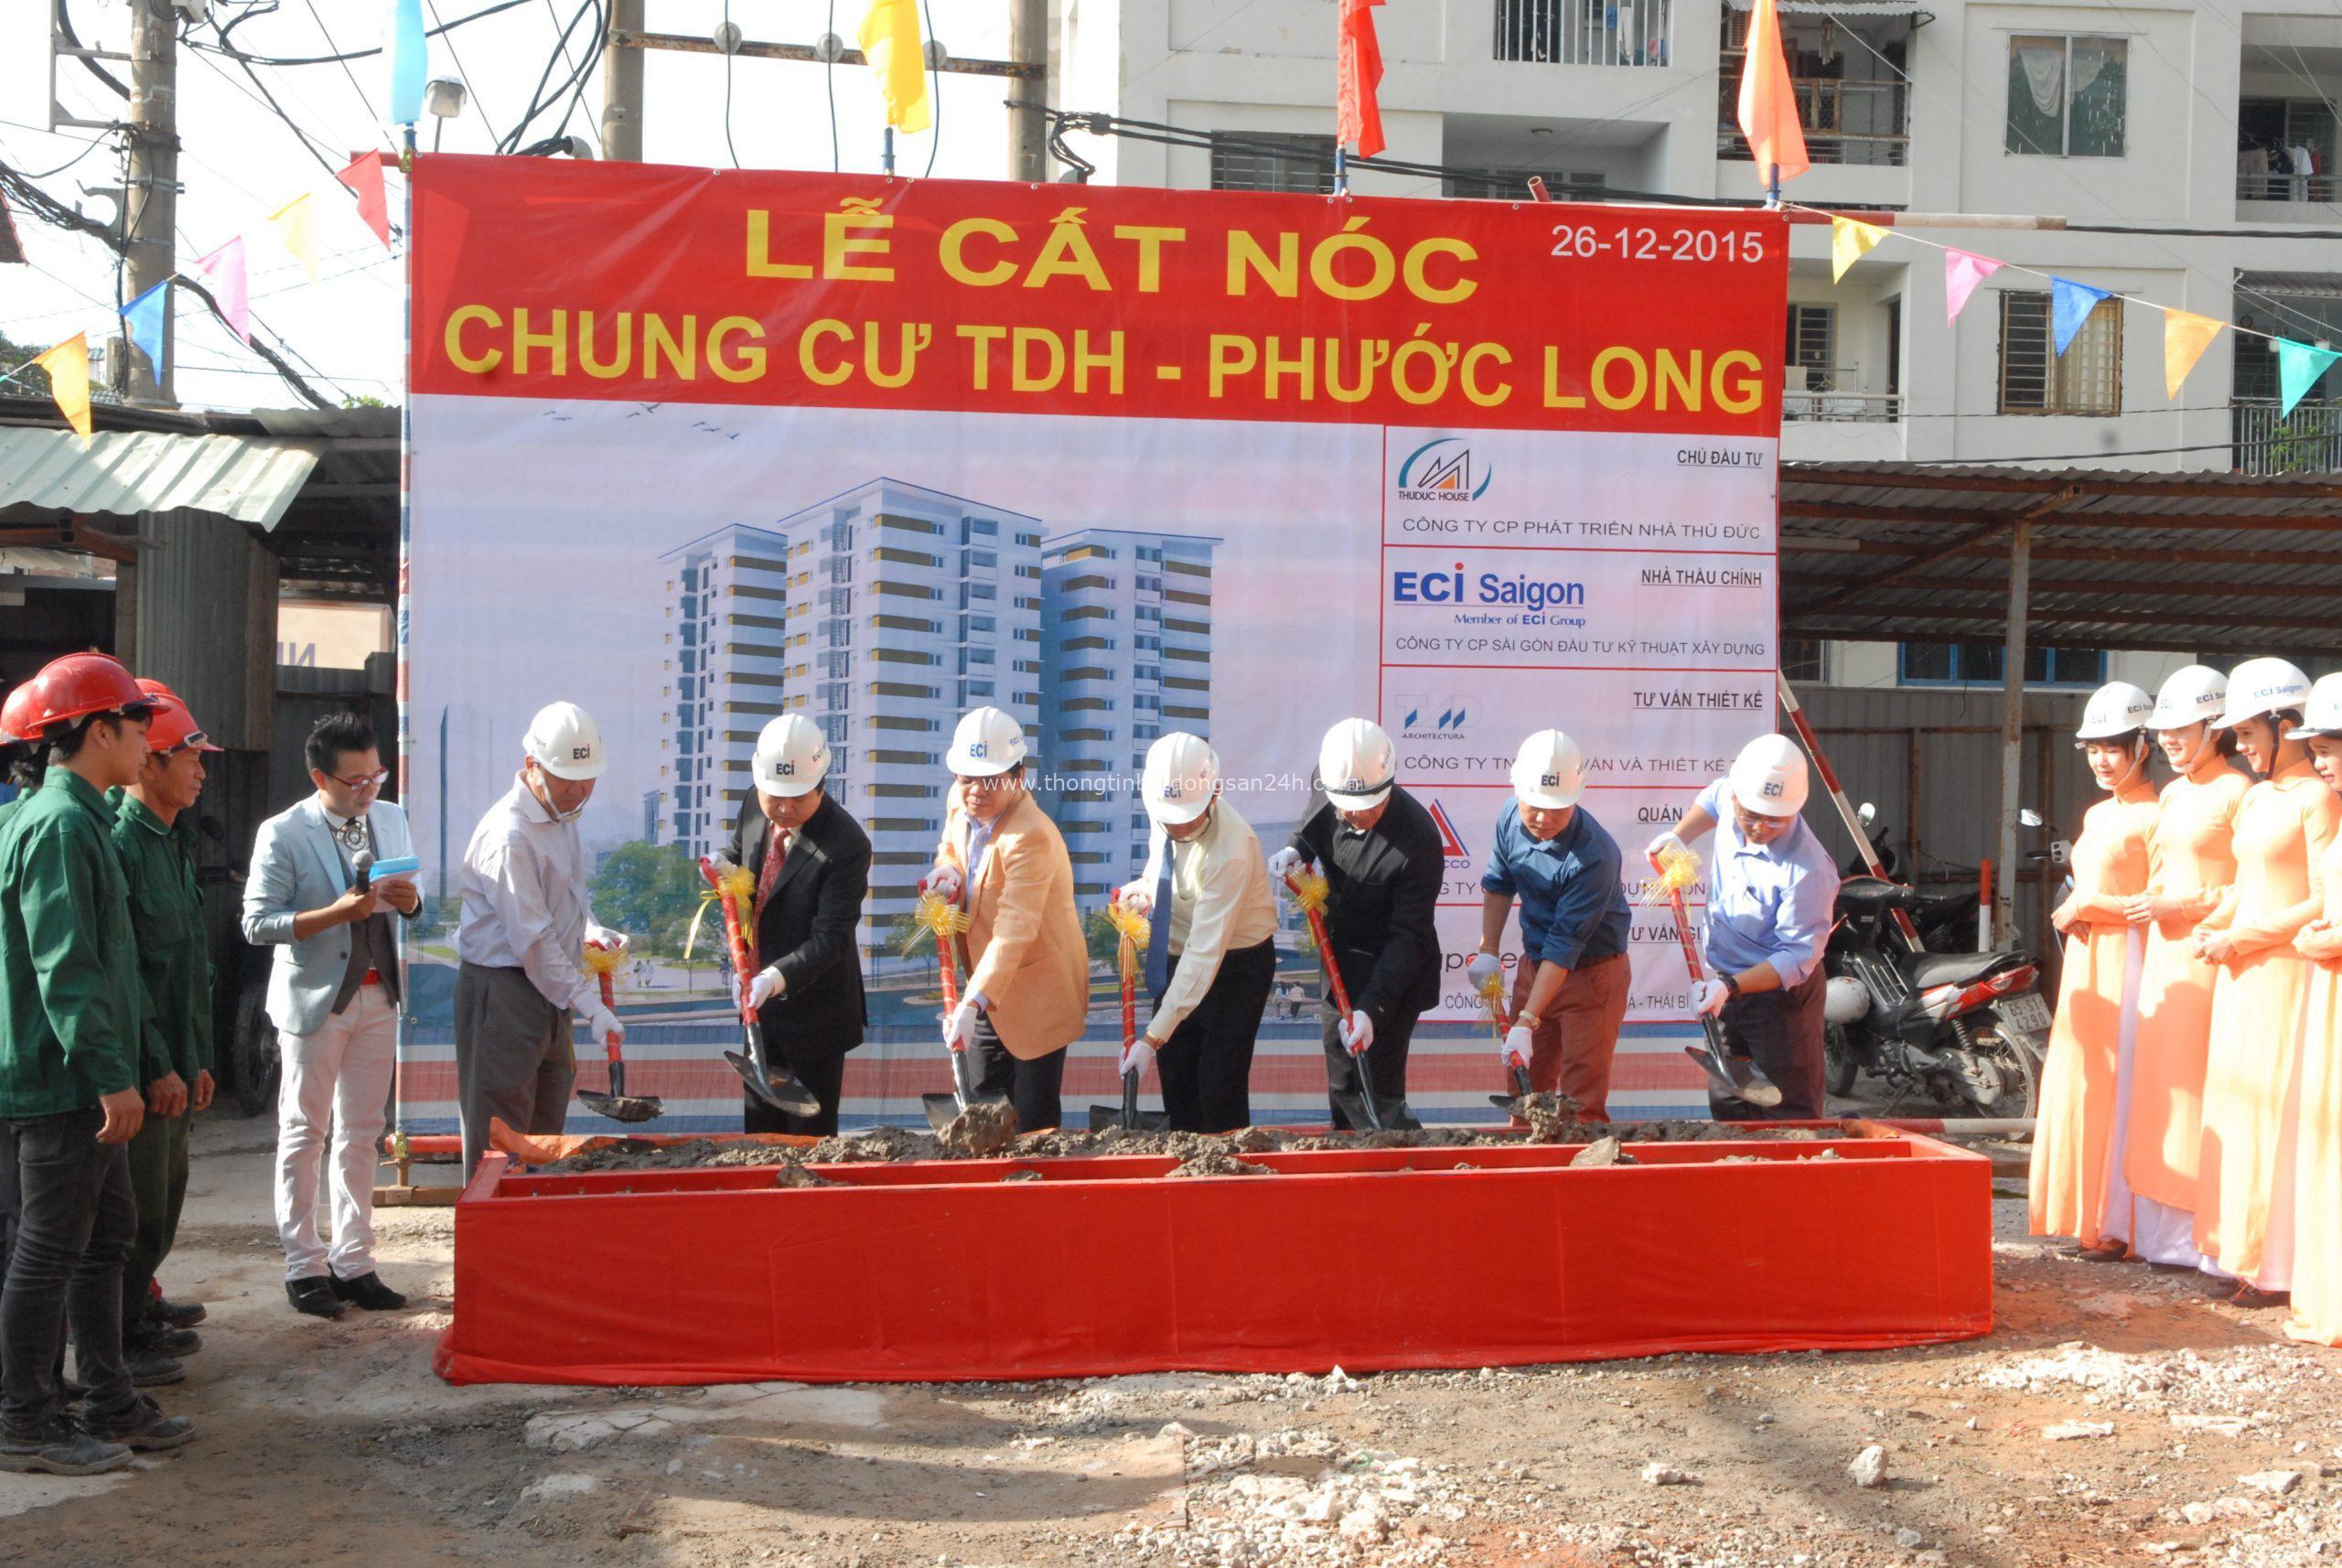 Thuduc House cất nóc chung cư TDH-Phước Long 9